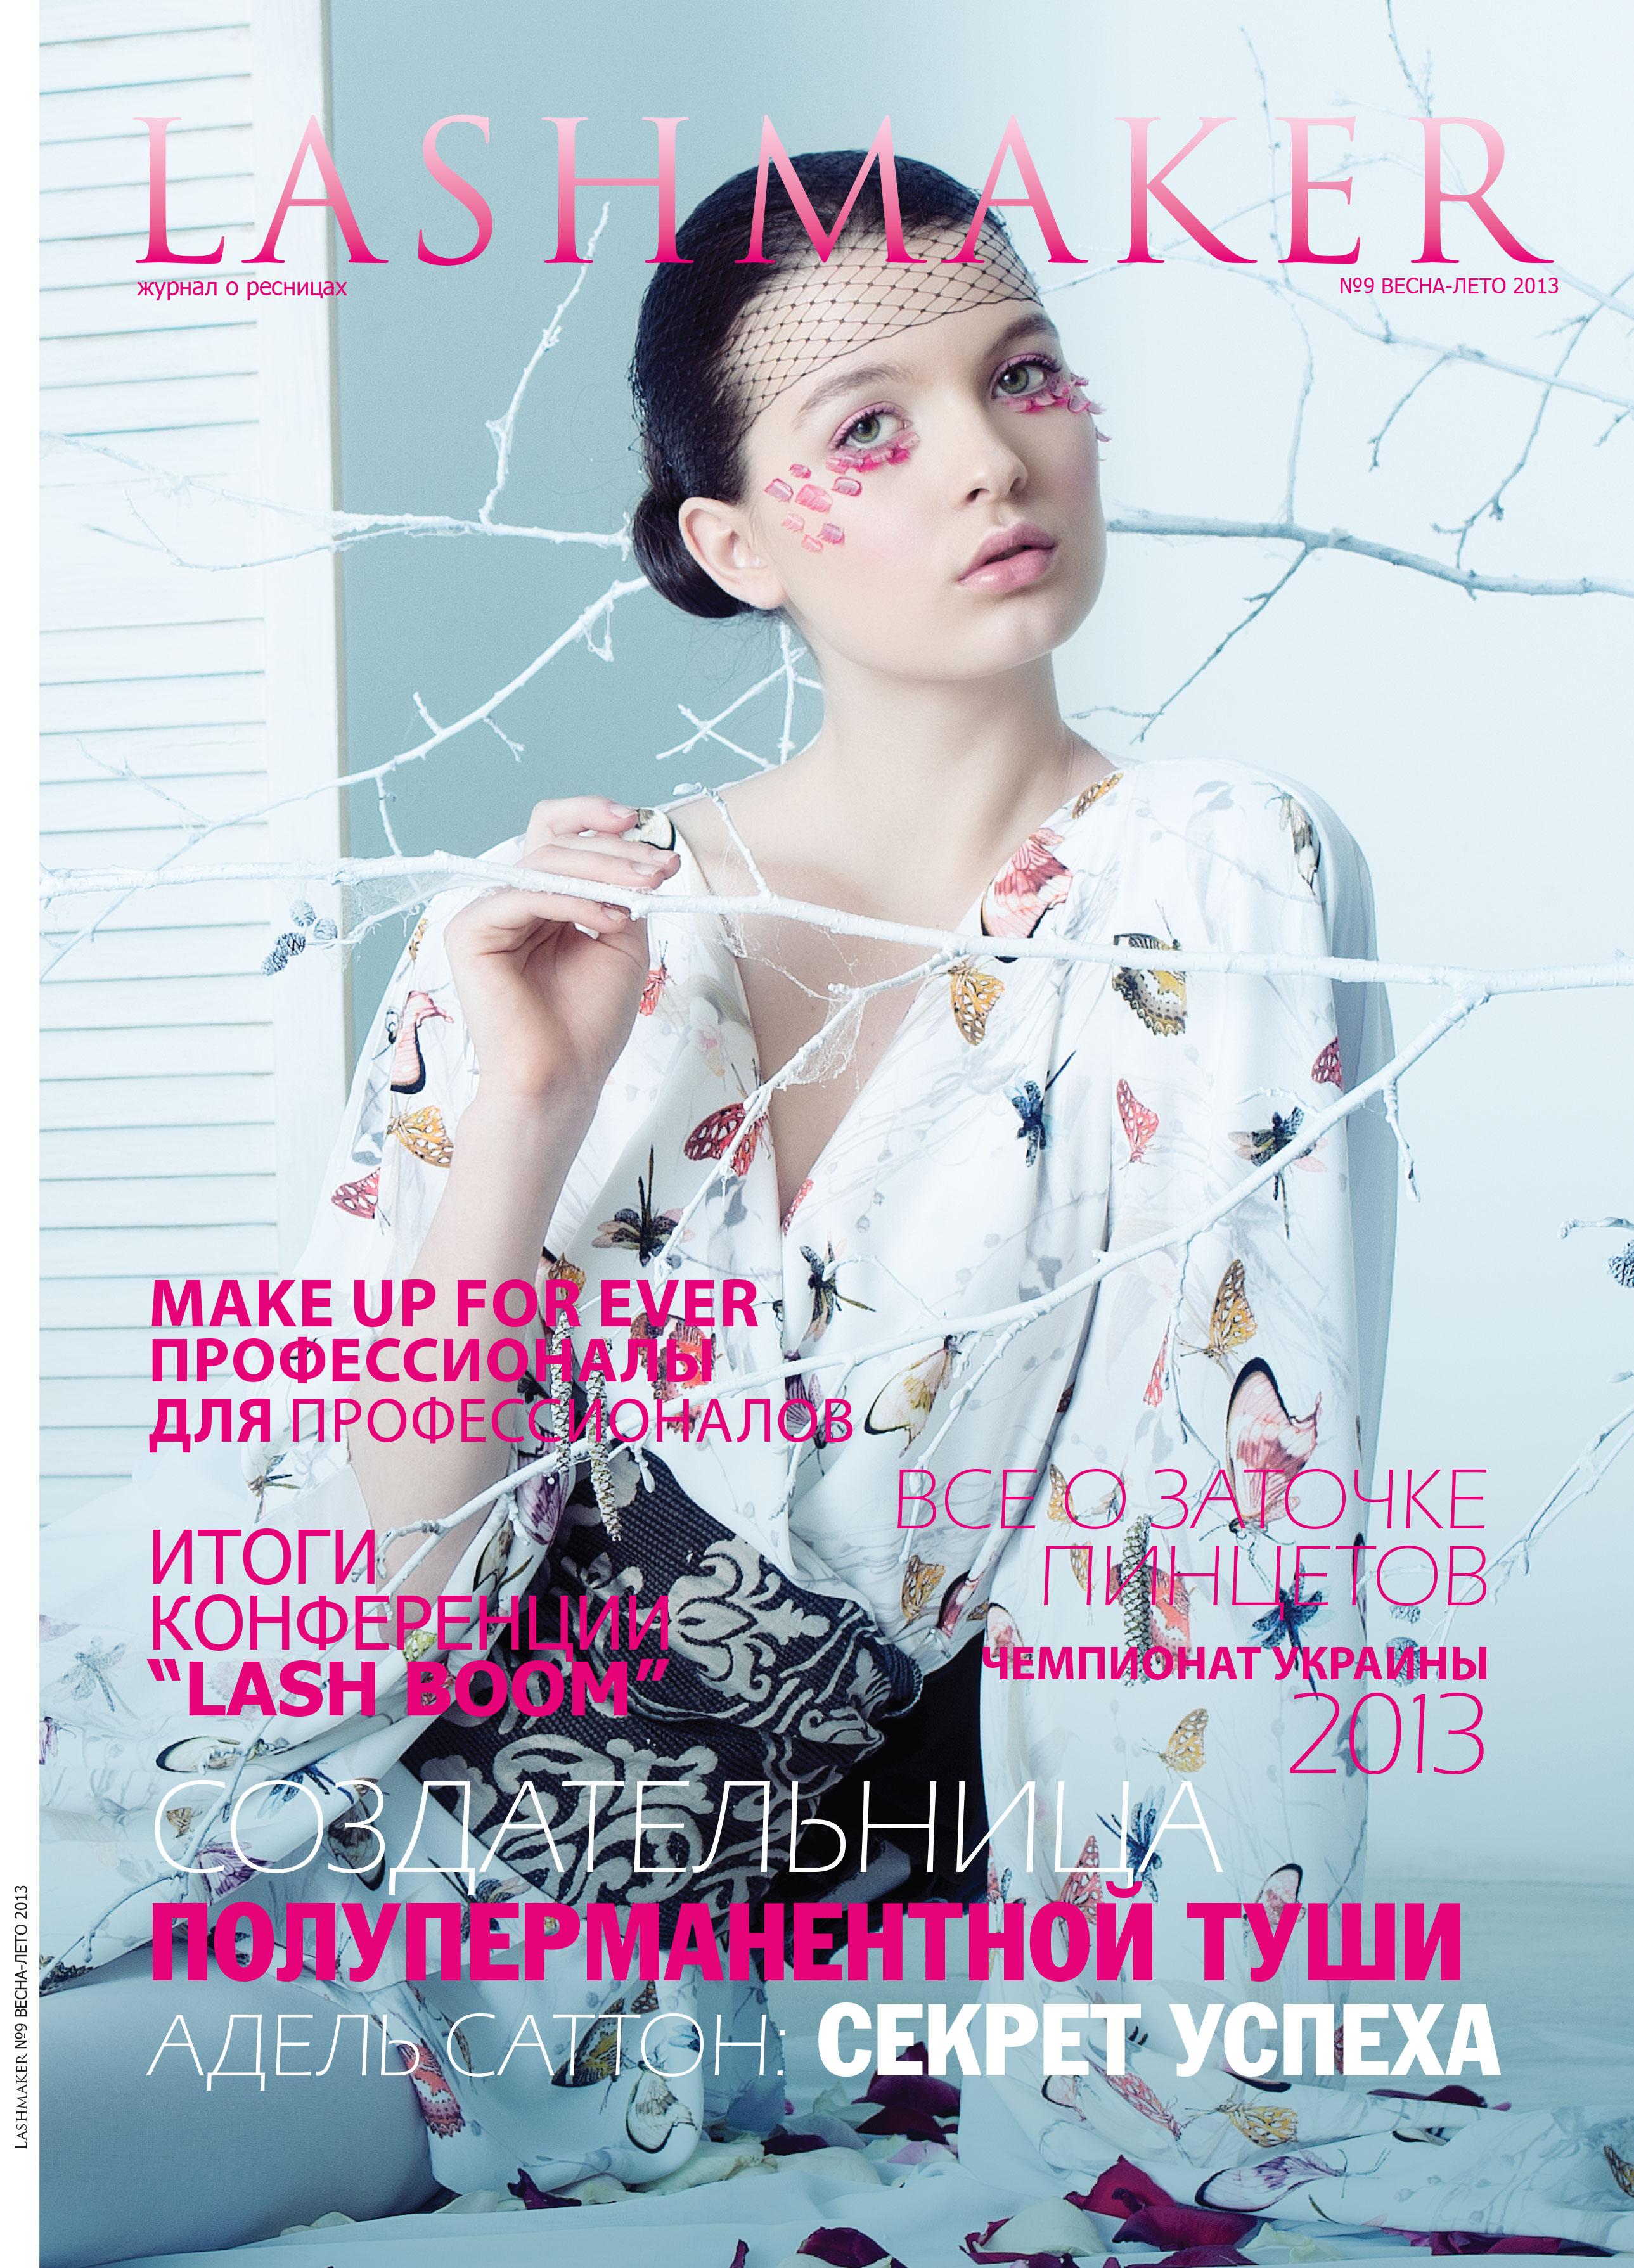 Lashmaker9-cover.jpg